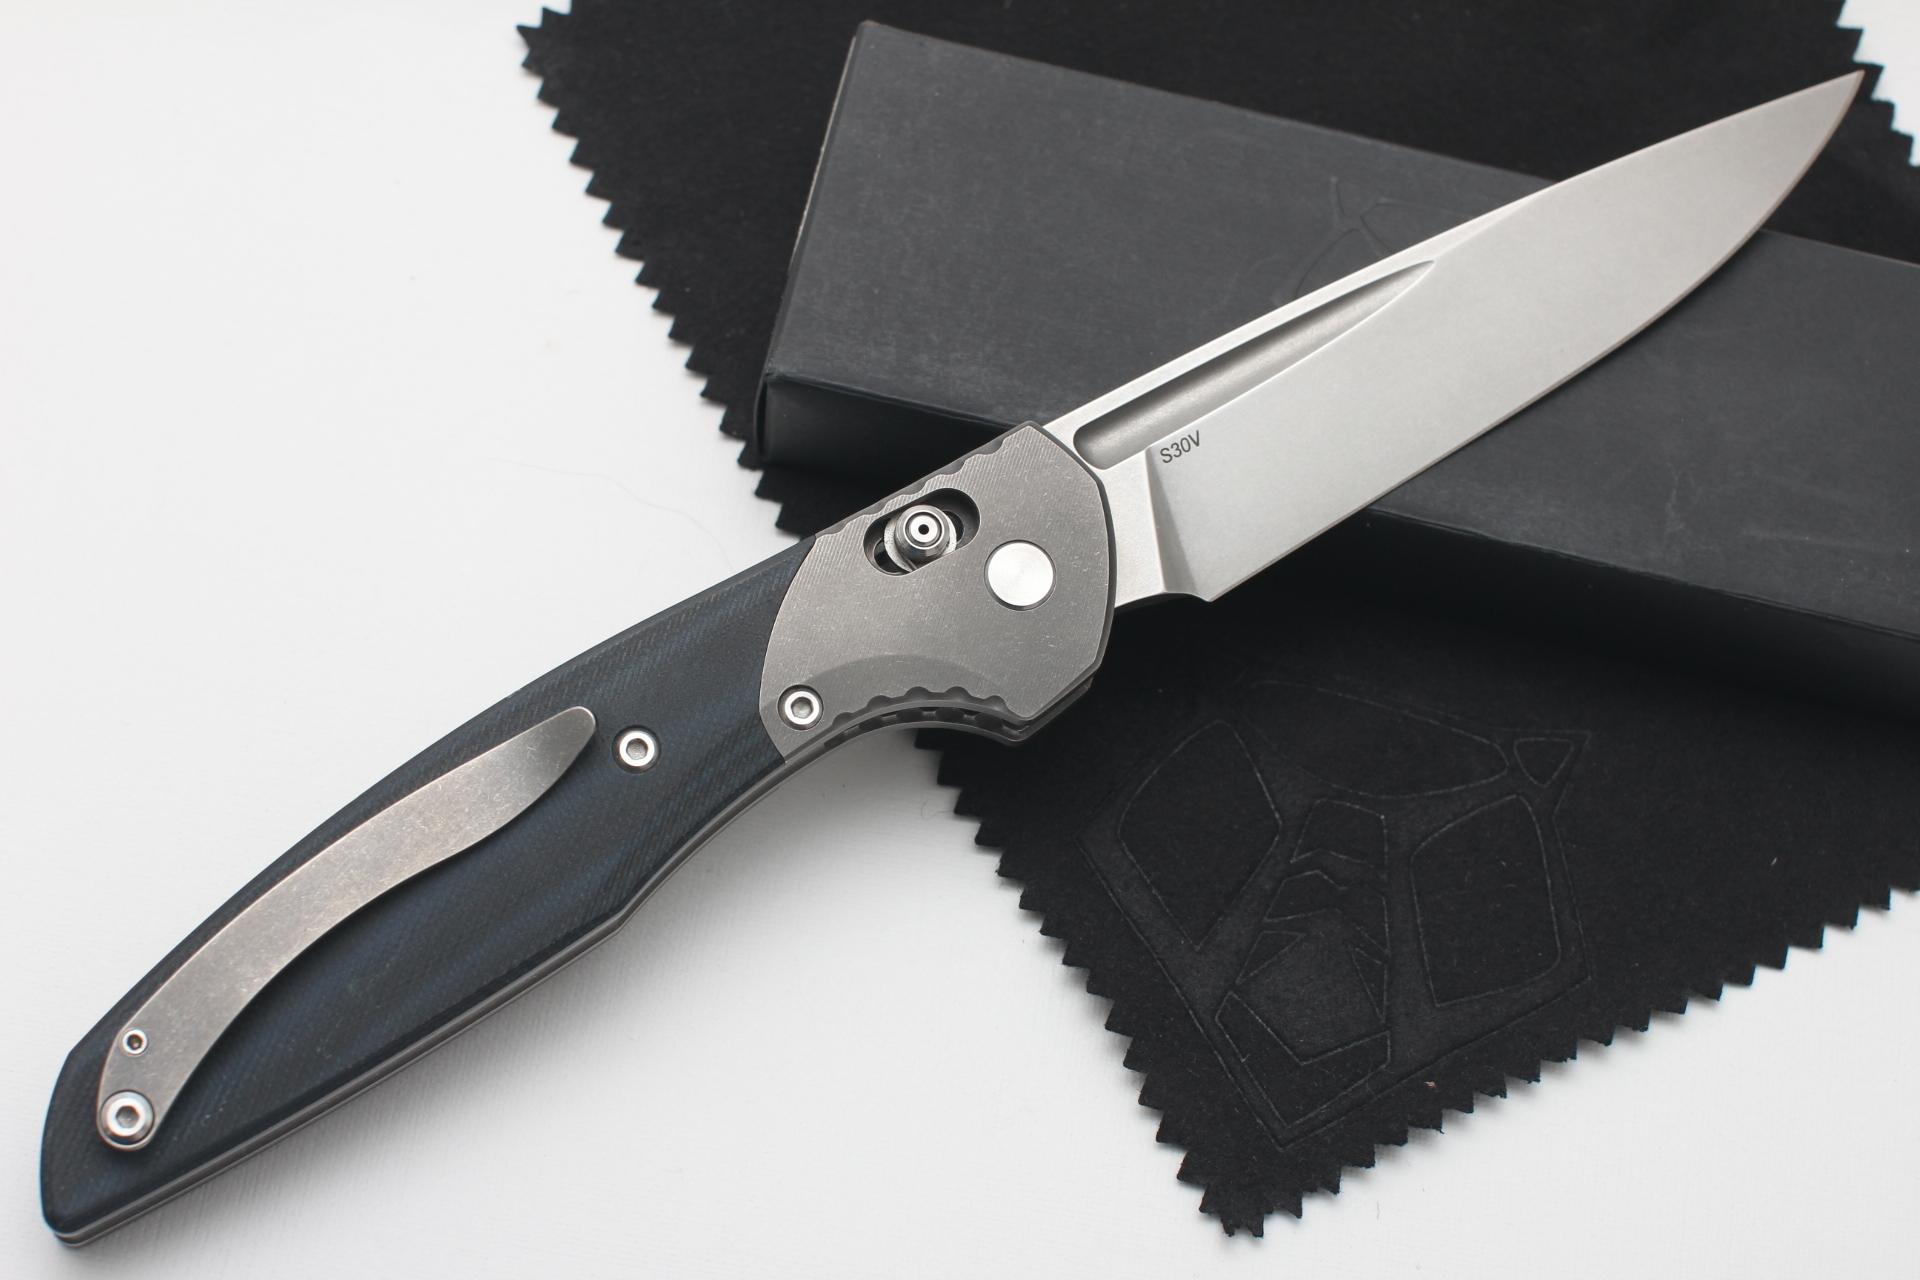 Нож Широгоров 110b S30V долы G10 3D черно-синяя - фотография